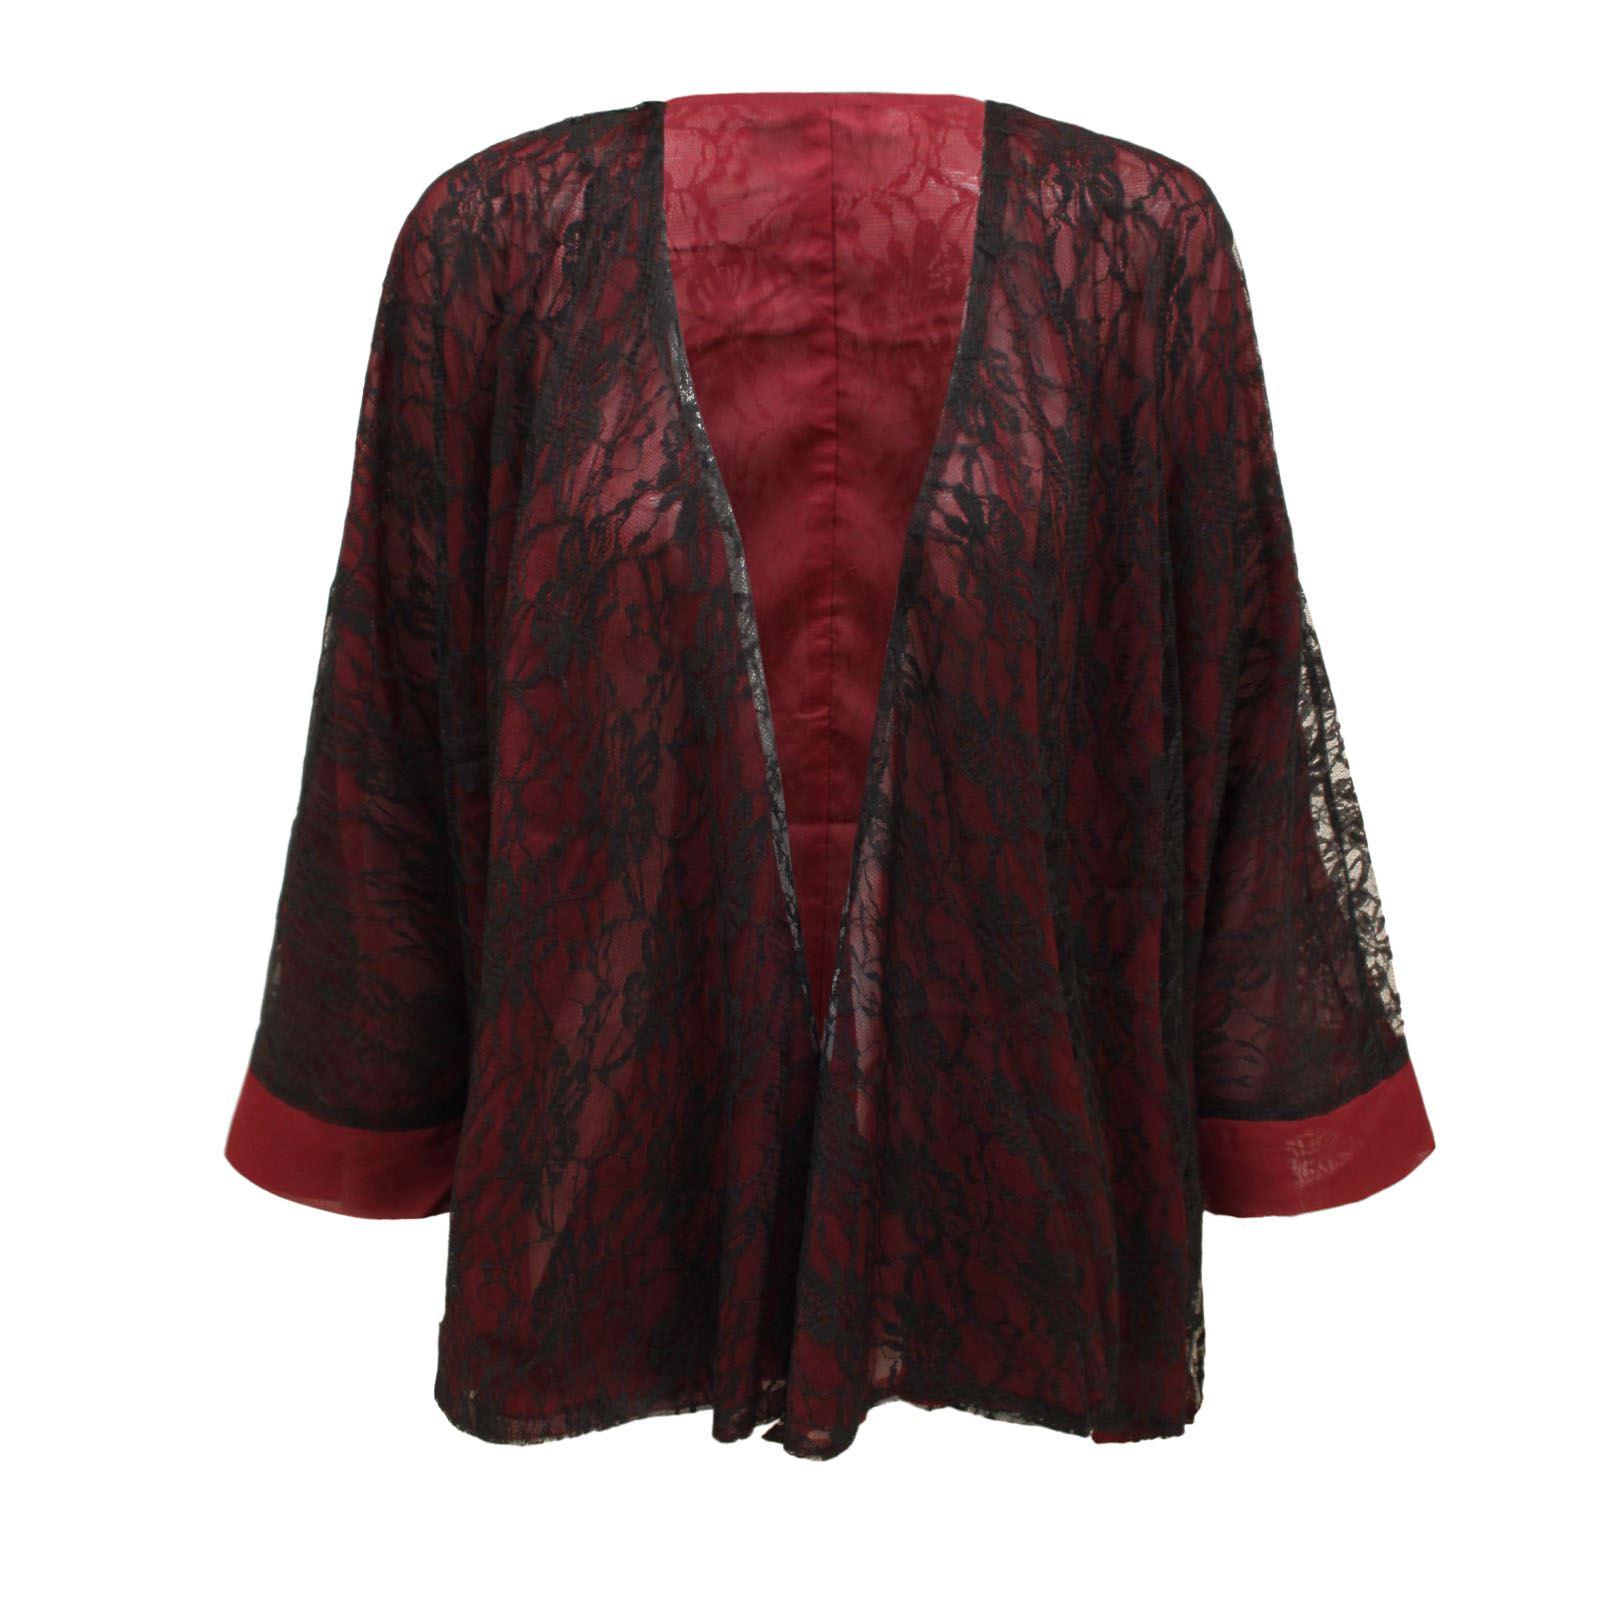 Nouvelle-veste-kimono-en-dentelle-retro-vintage-top-femme-hippie-loose-cape-blazer-jacket